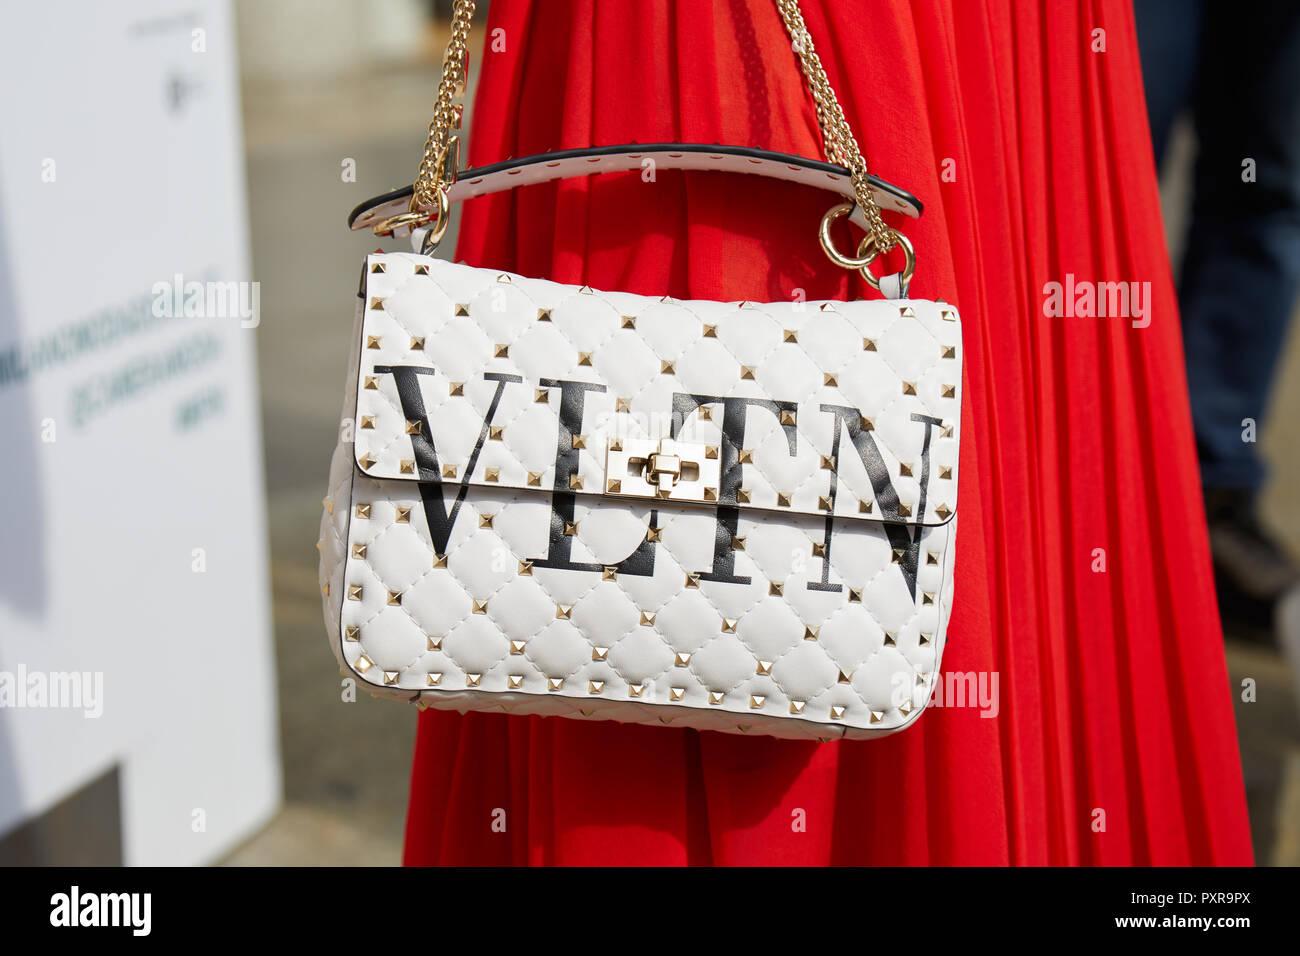 MILAN, ITALIE - 22 septembre 2018   Femme avec jupe rouge et blanc sac  Valentino c6aec5b2086